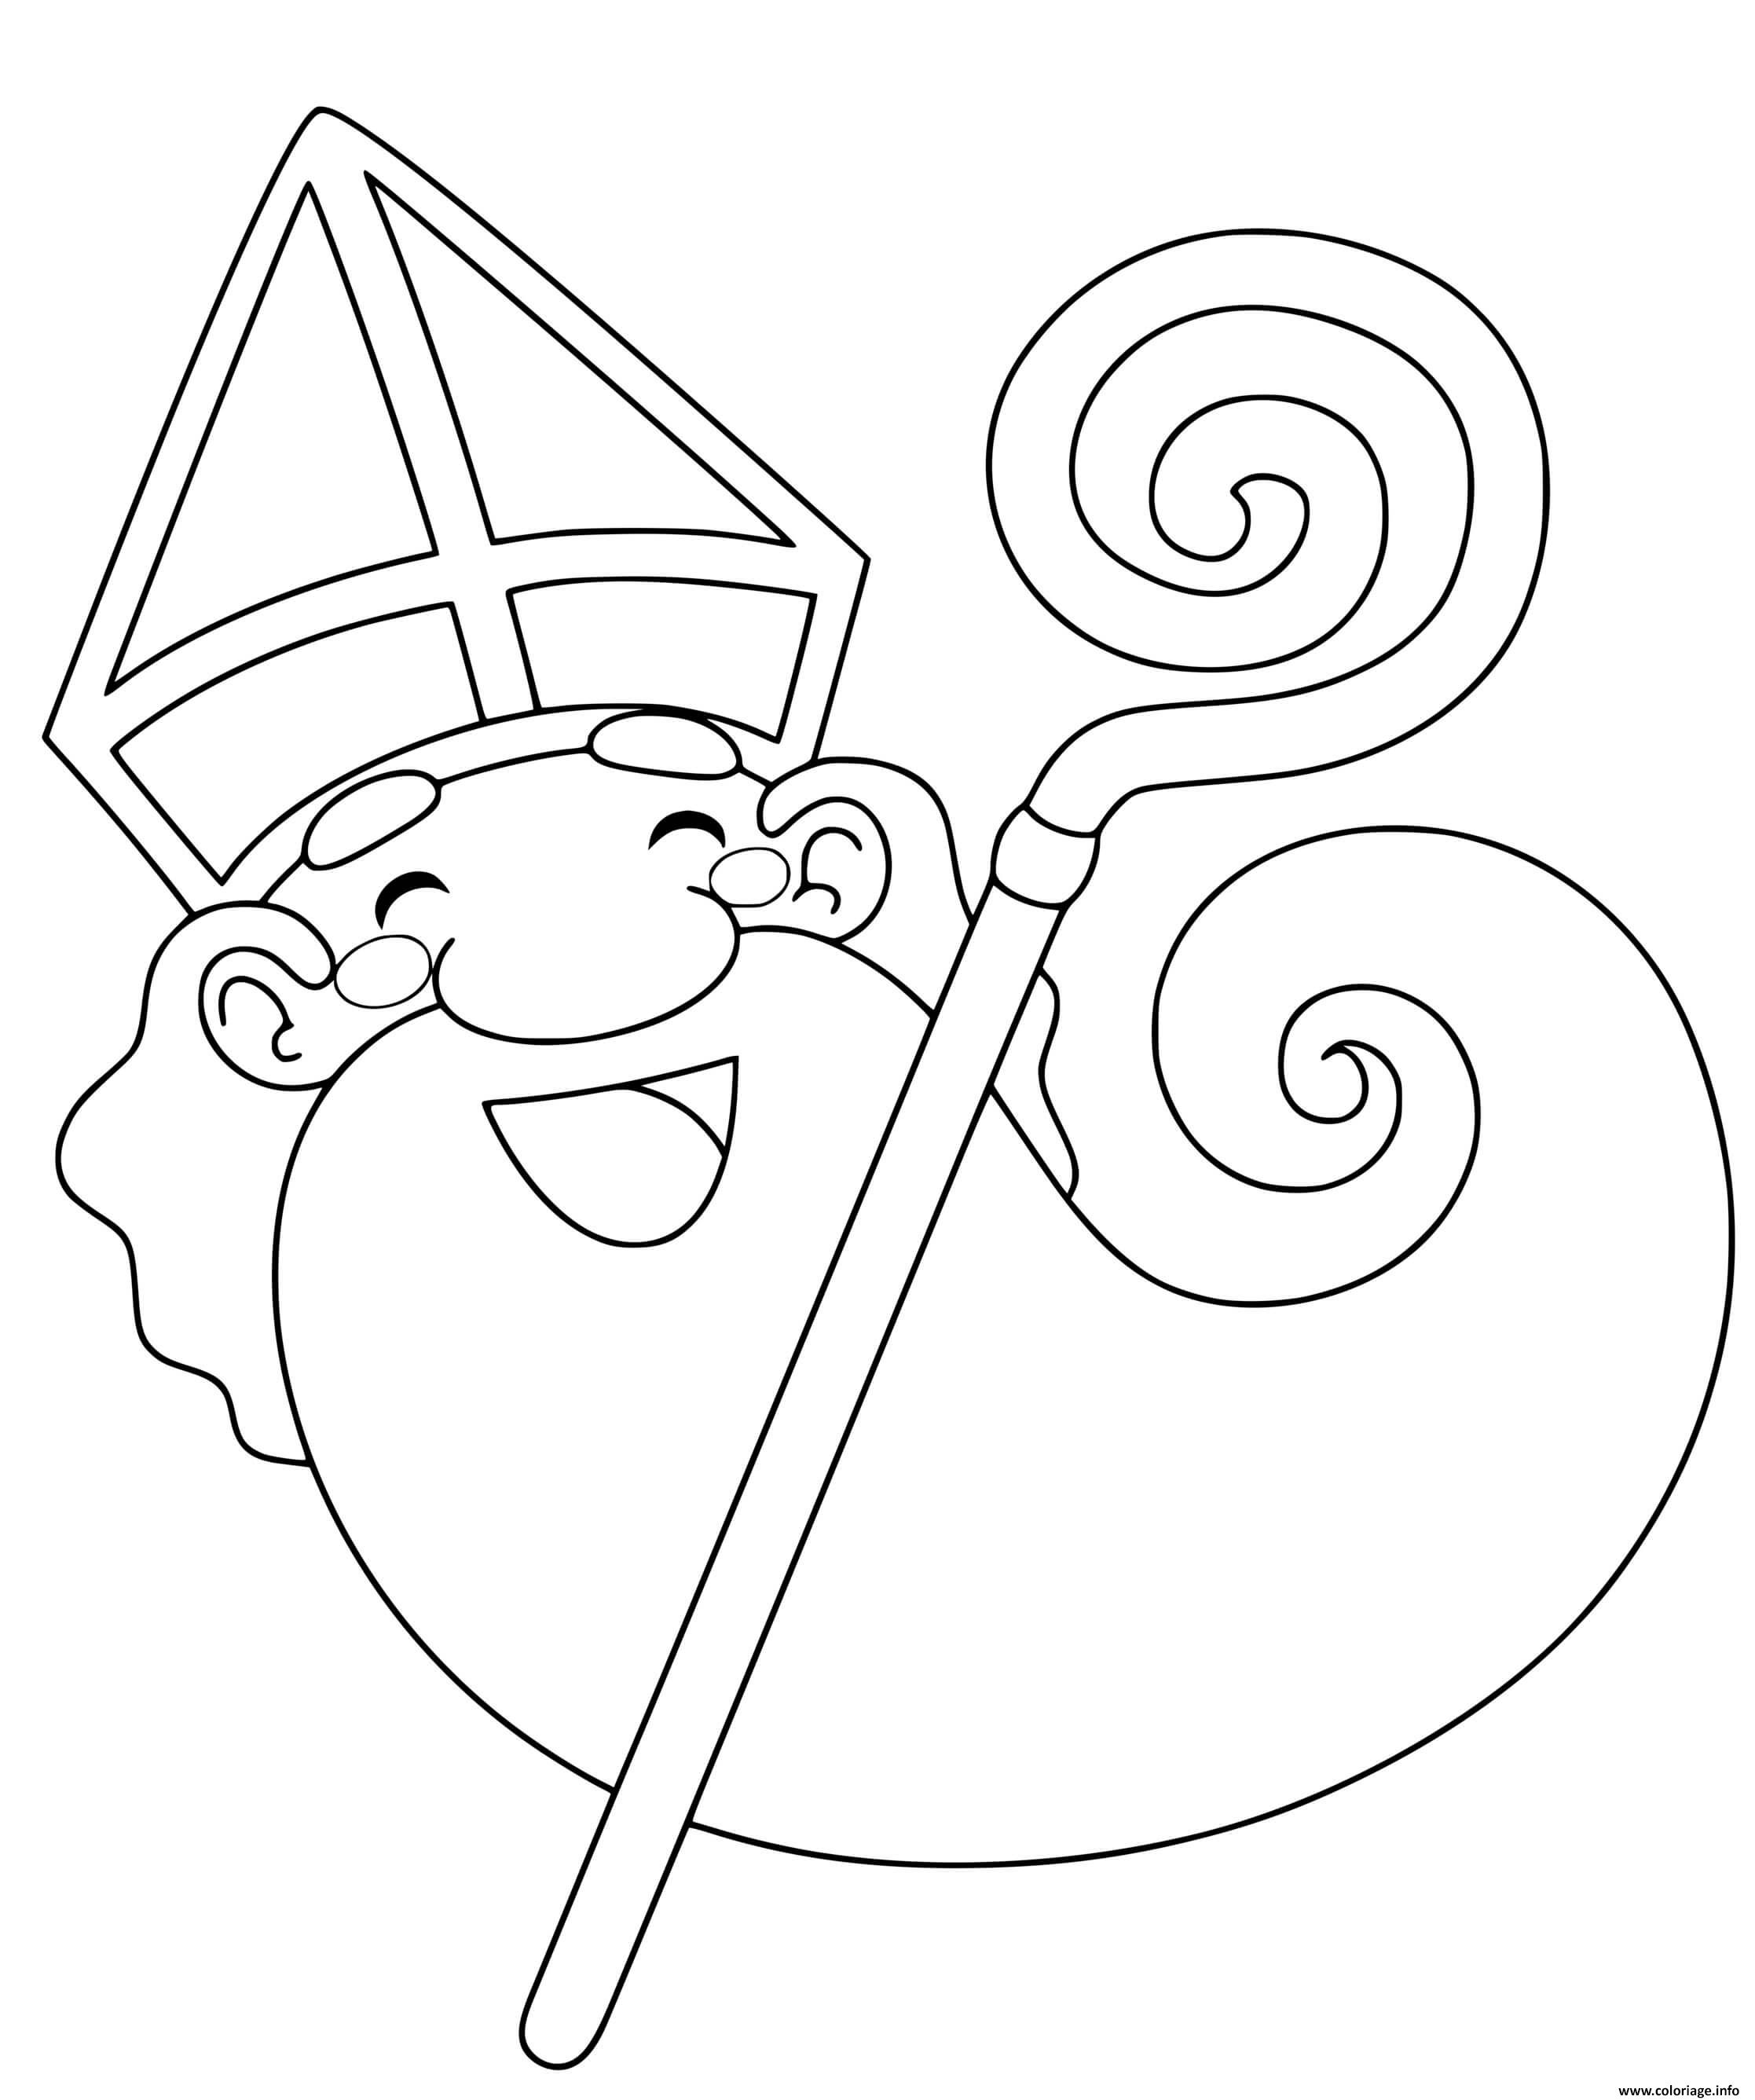 Dessin le saint nicolas heureux pour noel Coloriage Gratuit à Imprimer